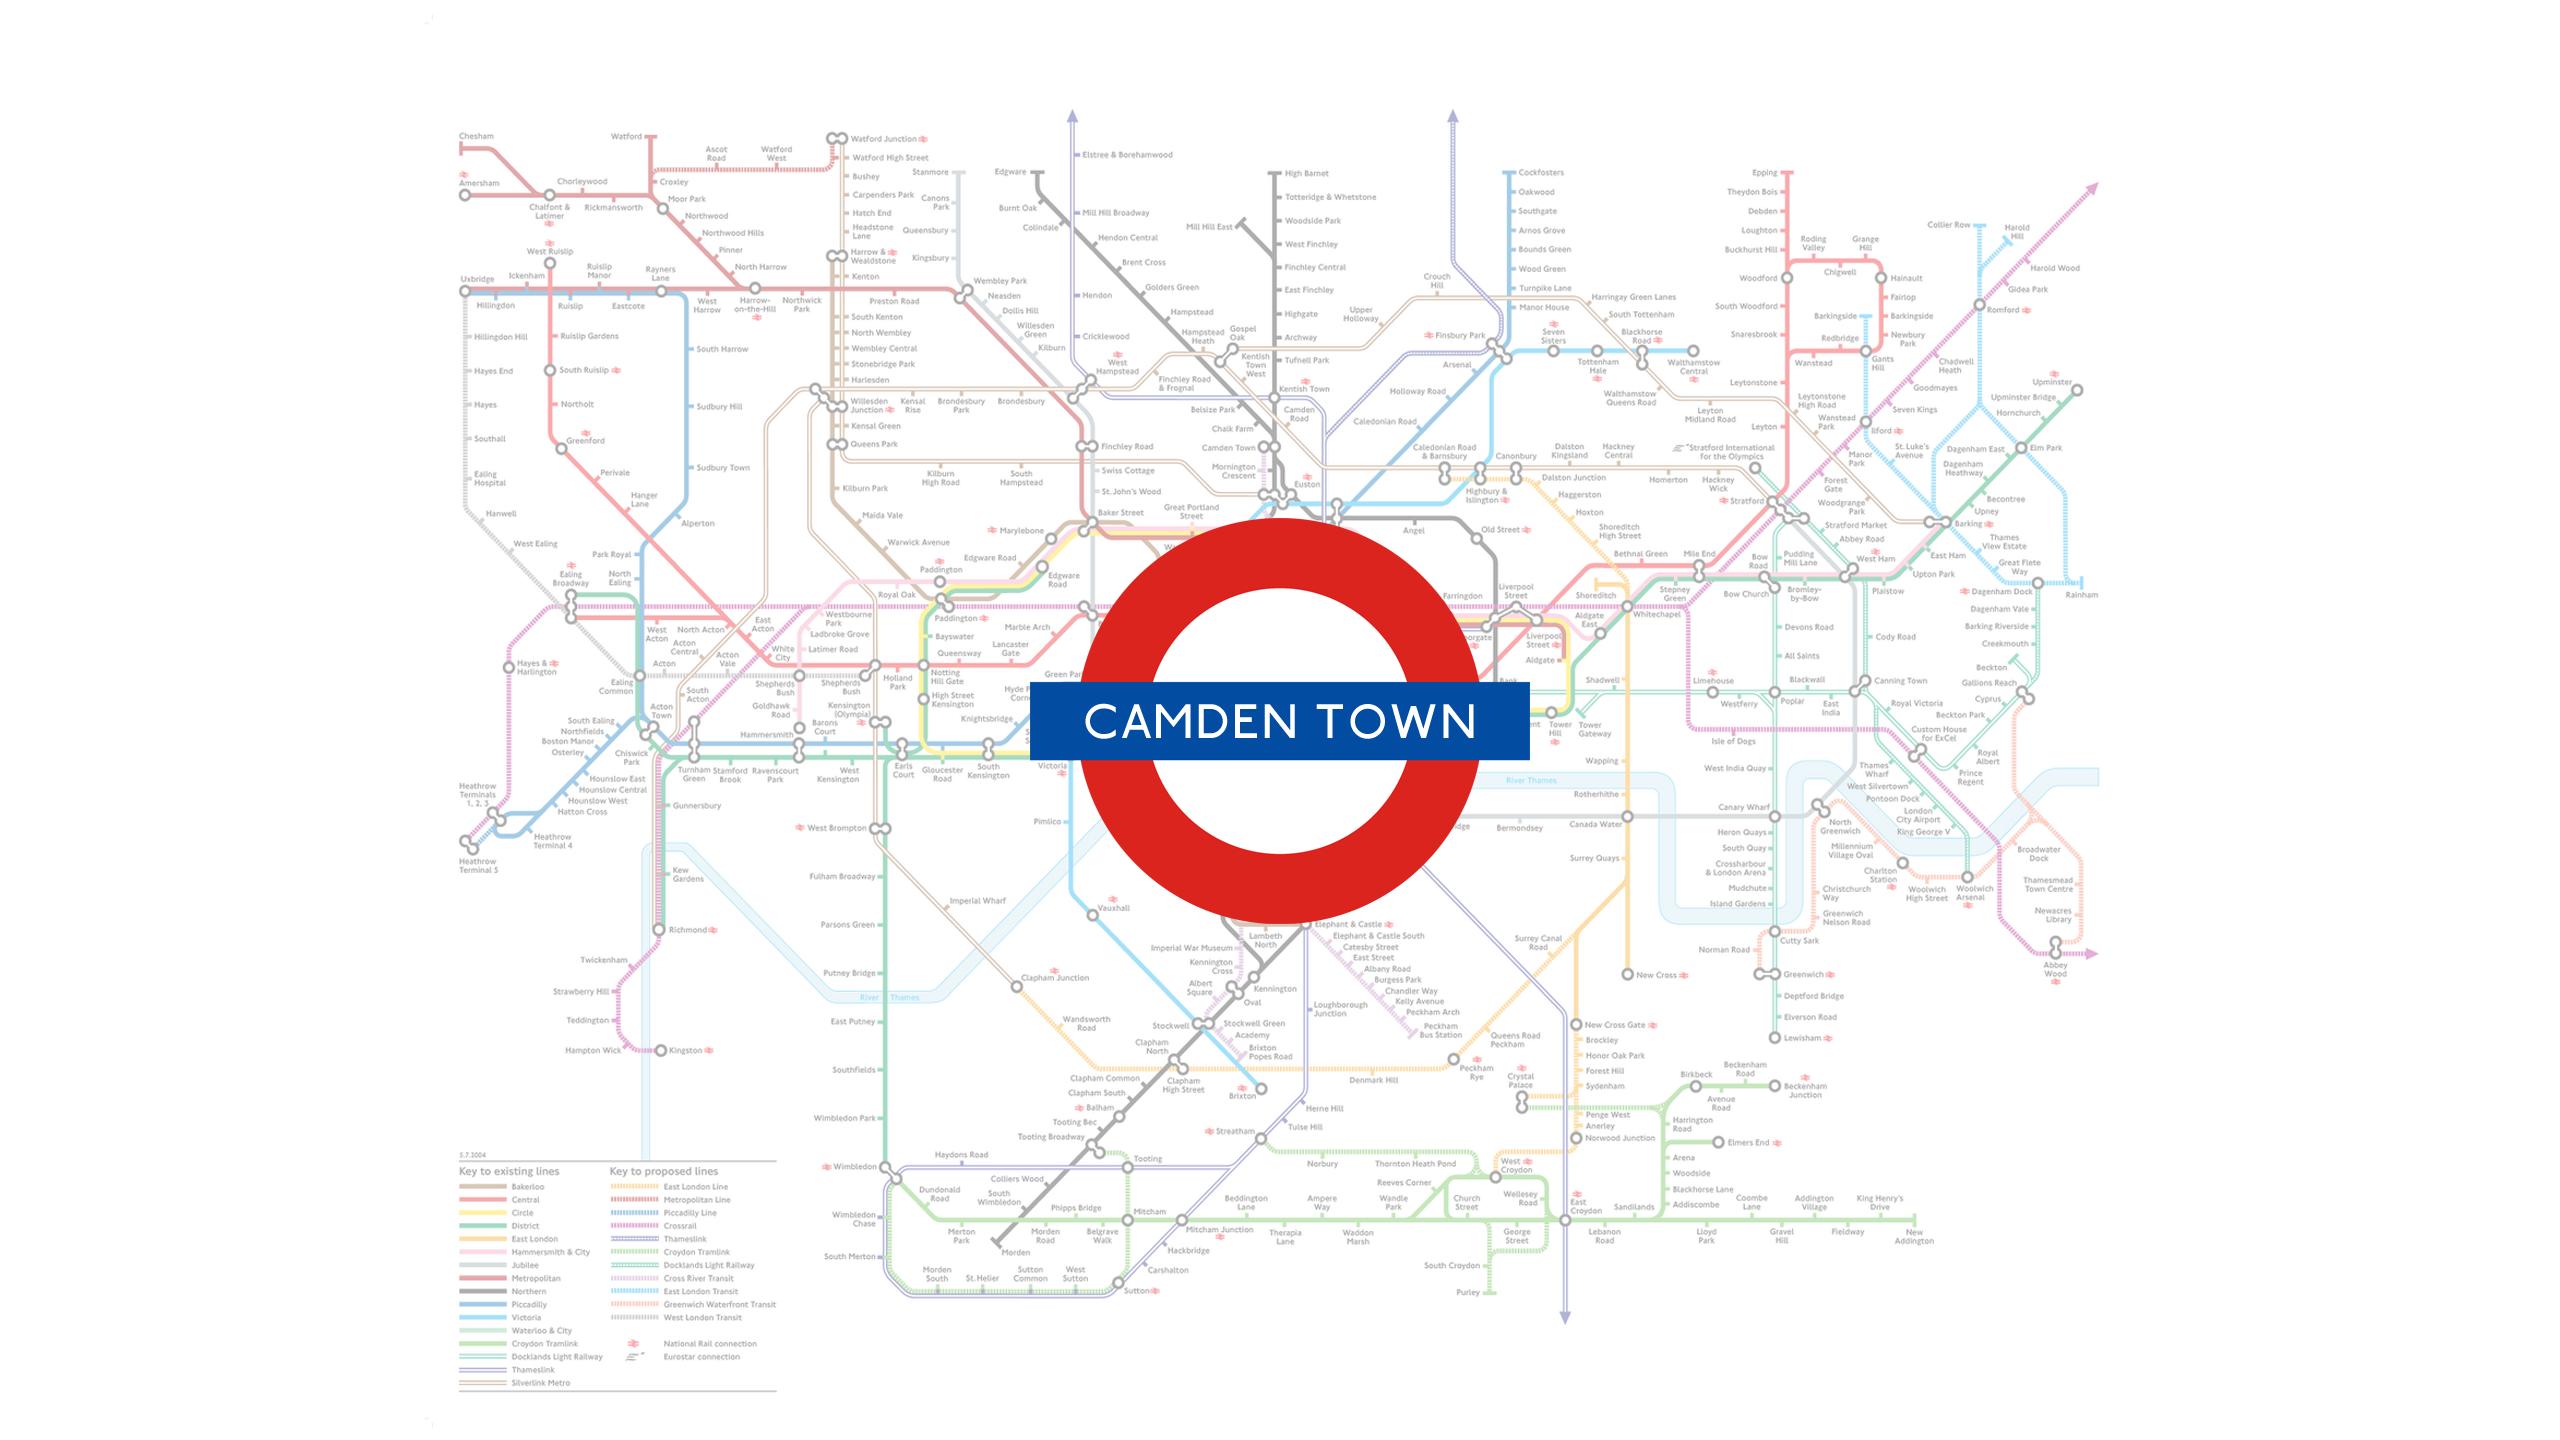 Camden Town (Map)